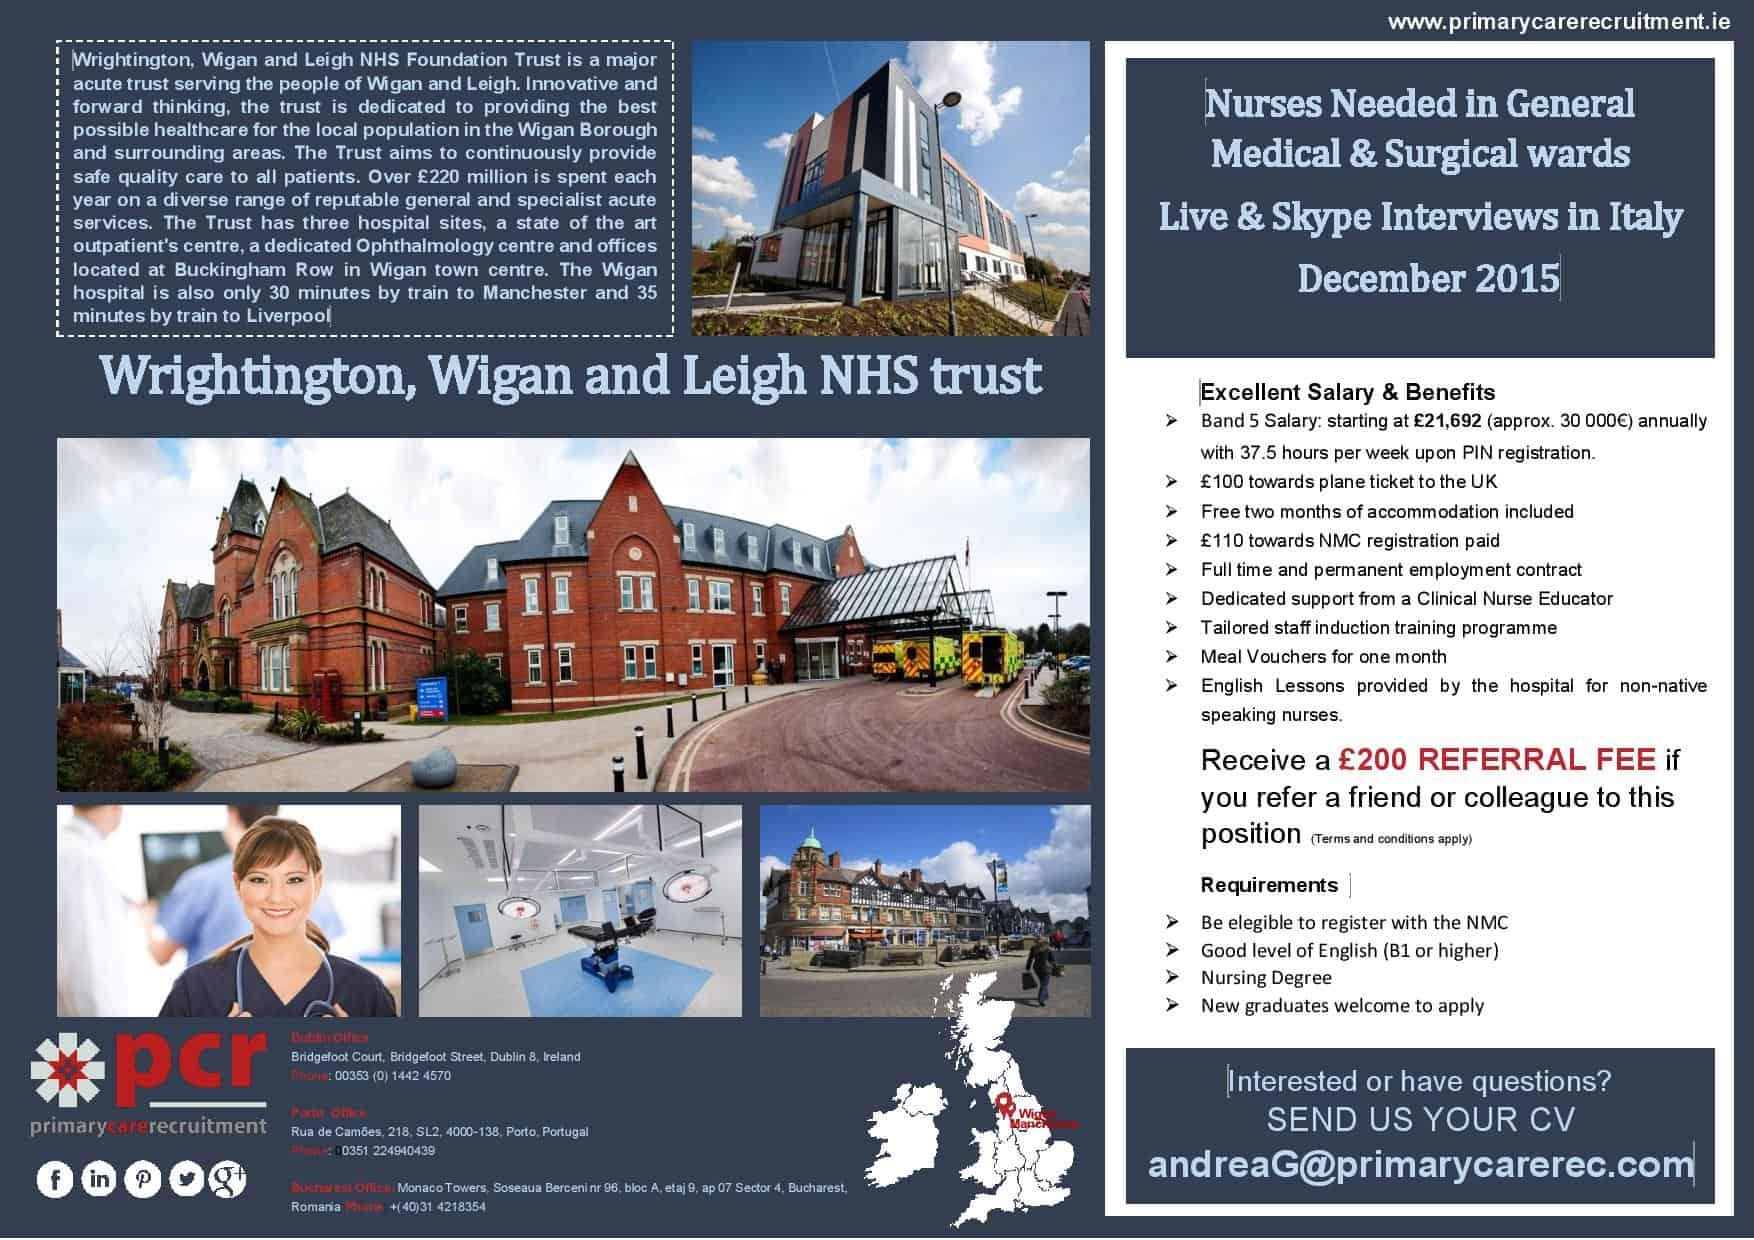 Prmary Care Recruiting - Opportunita' di lavoro per Infermieri nel Regno Unito - 3